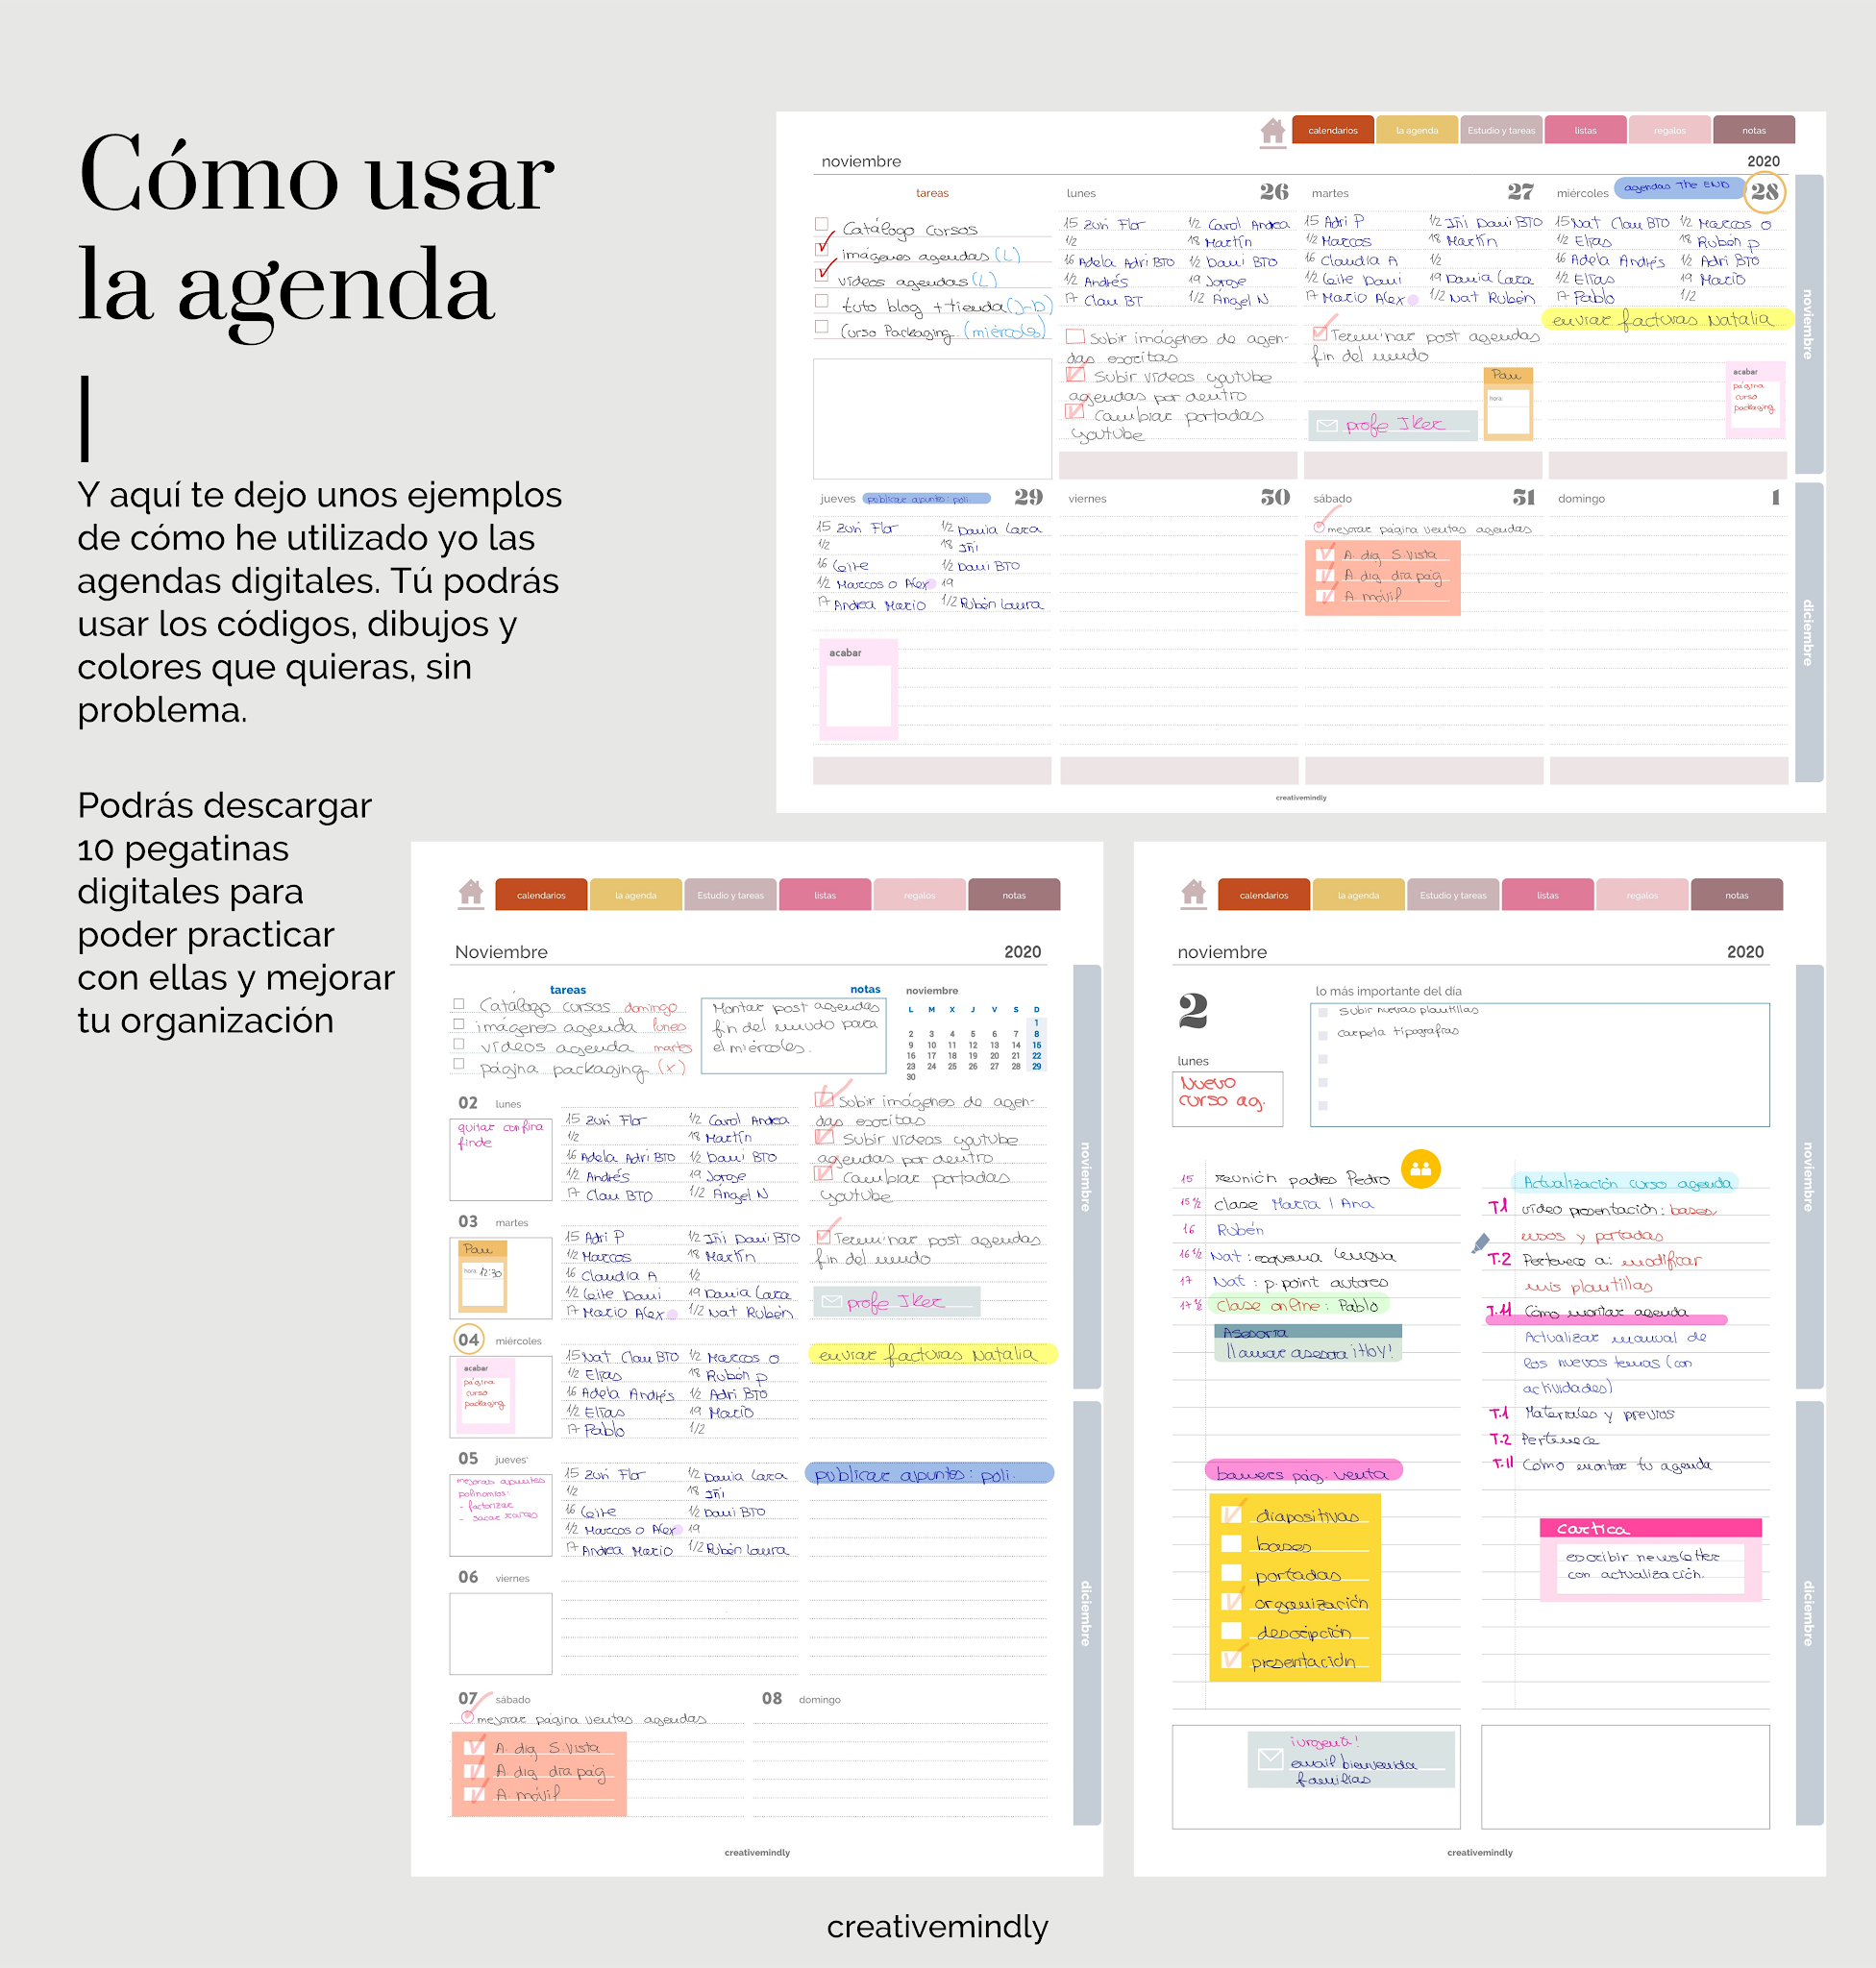 agenda digital bonita ipad gratis